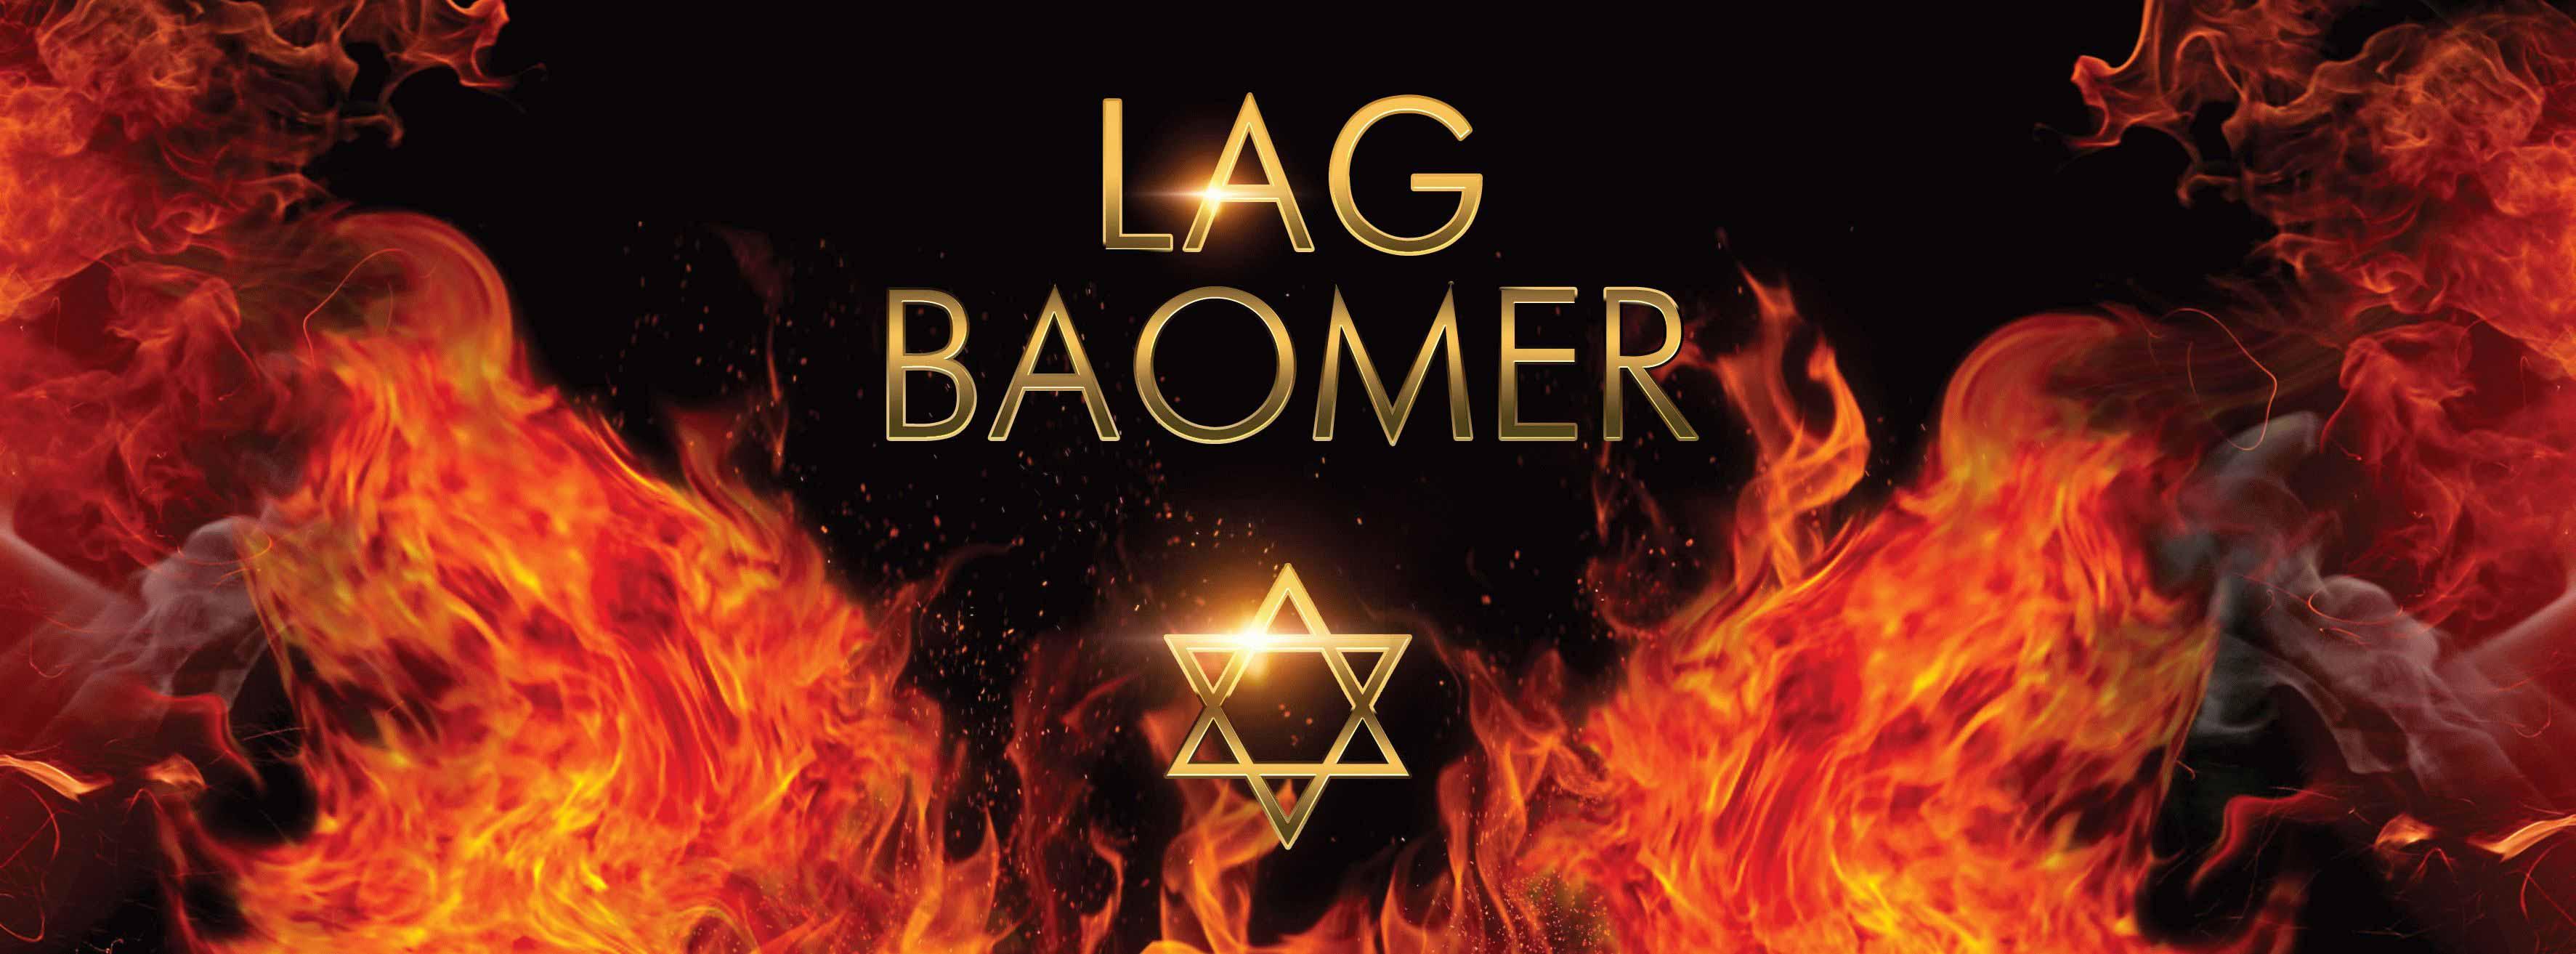 Lag BaOmer PSD Flyer Template